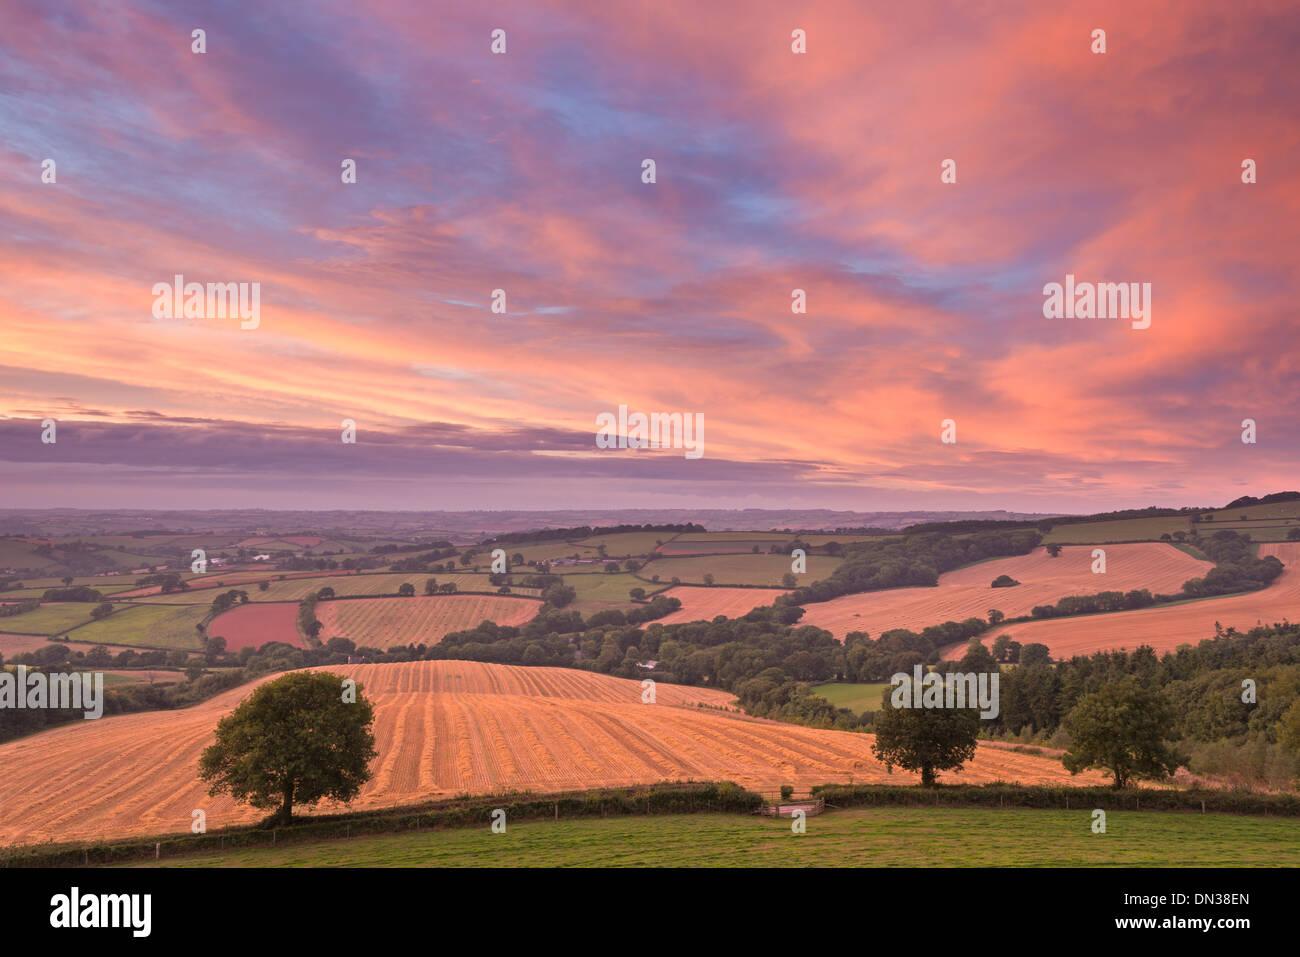 Coucher de soleil spectaculaire au-dessus de campagne du Devon, Stockleigh Pomeroy, Devon, Angleterre. L'automne (septembre) 2013. Photo Stock